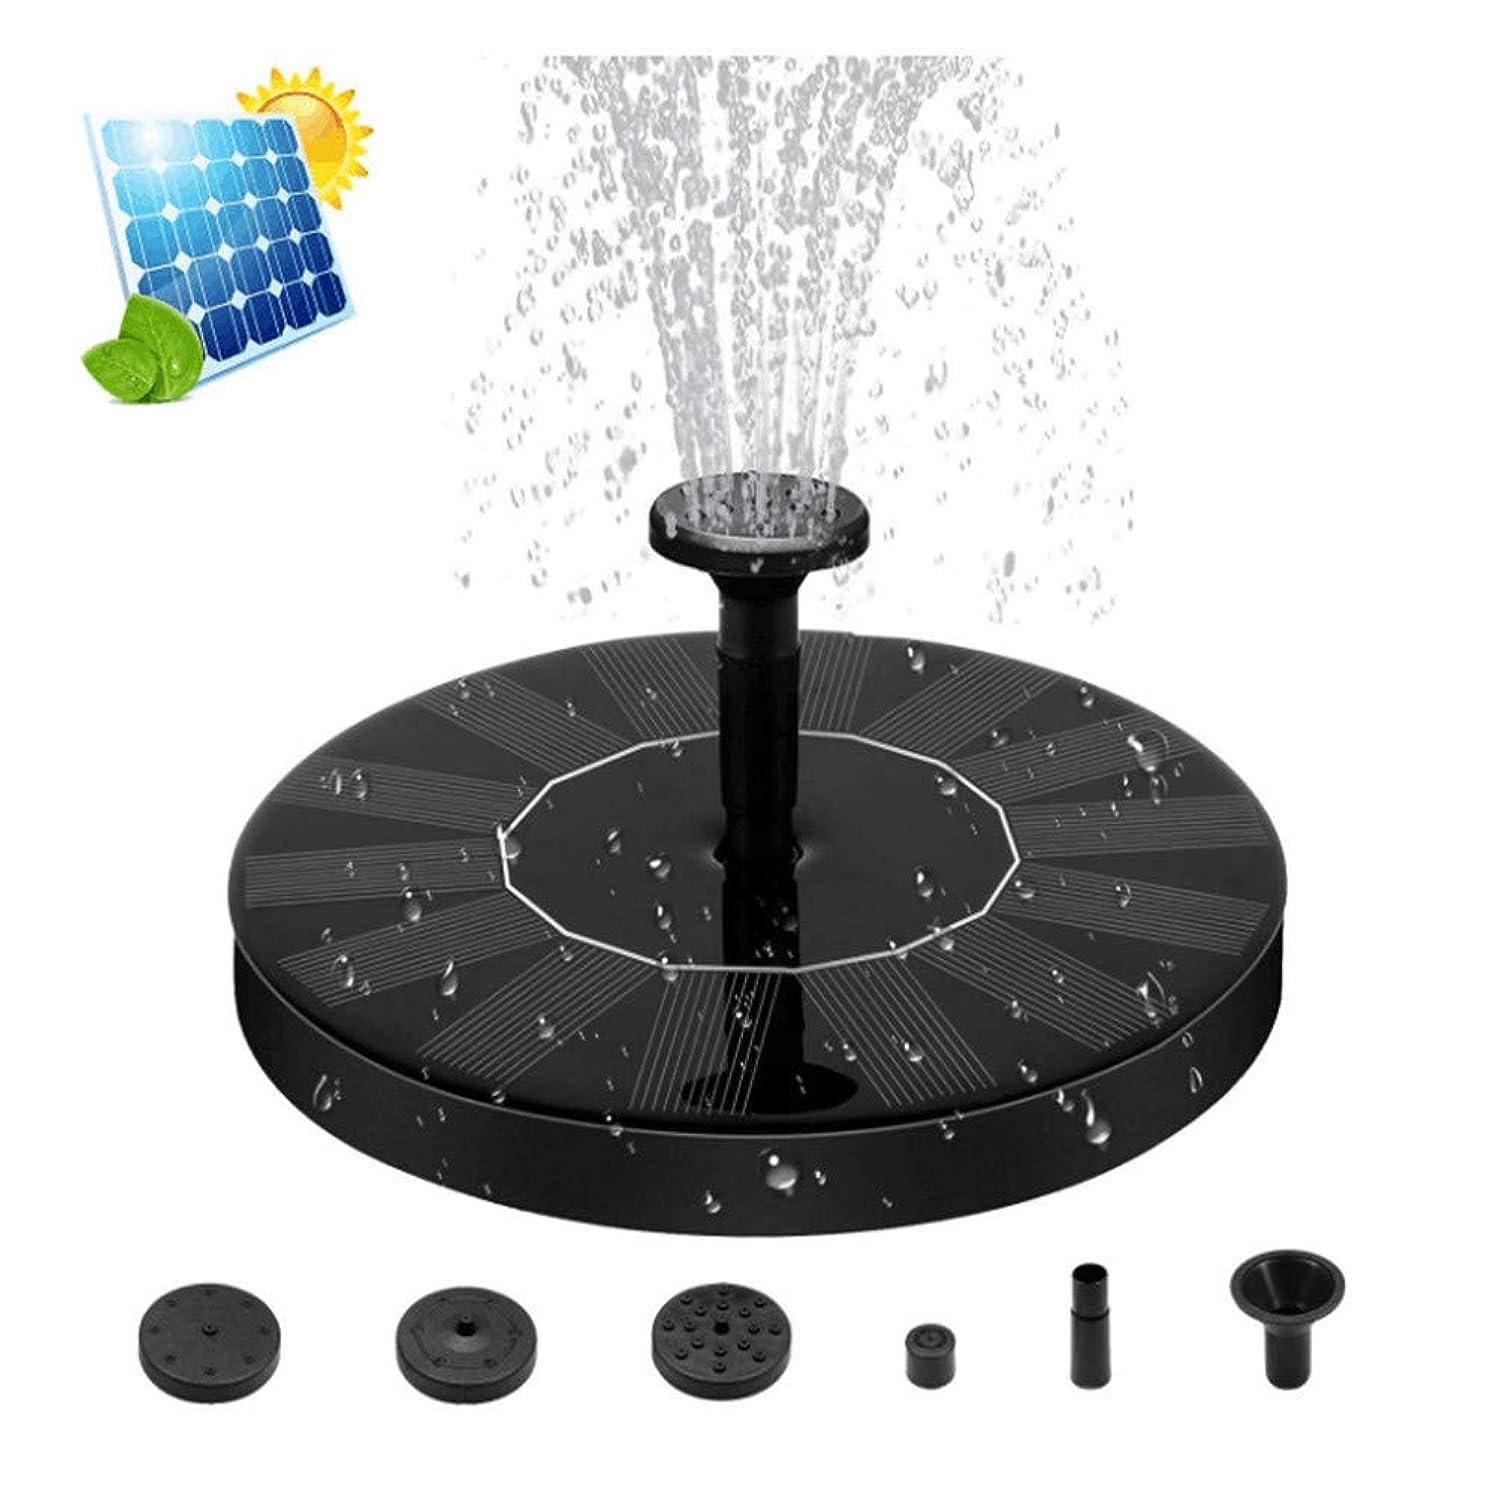 ワンダー突き出すナビゲーションソーラー噴水、1.4W太陽鳥バス水上噴水ポンプ、鳥タンク、水槽、池または庭の装飾のために使用される4つのノズル、,黒